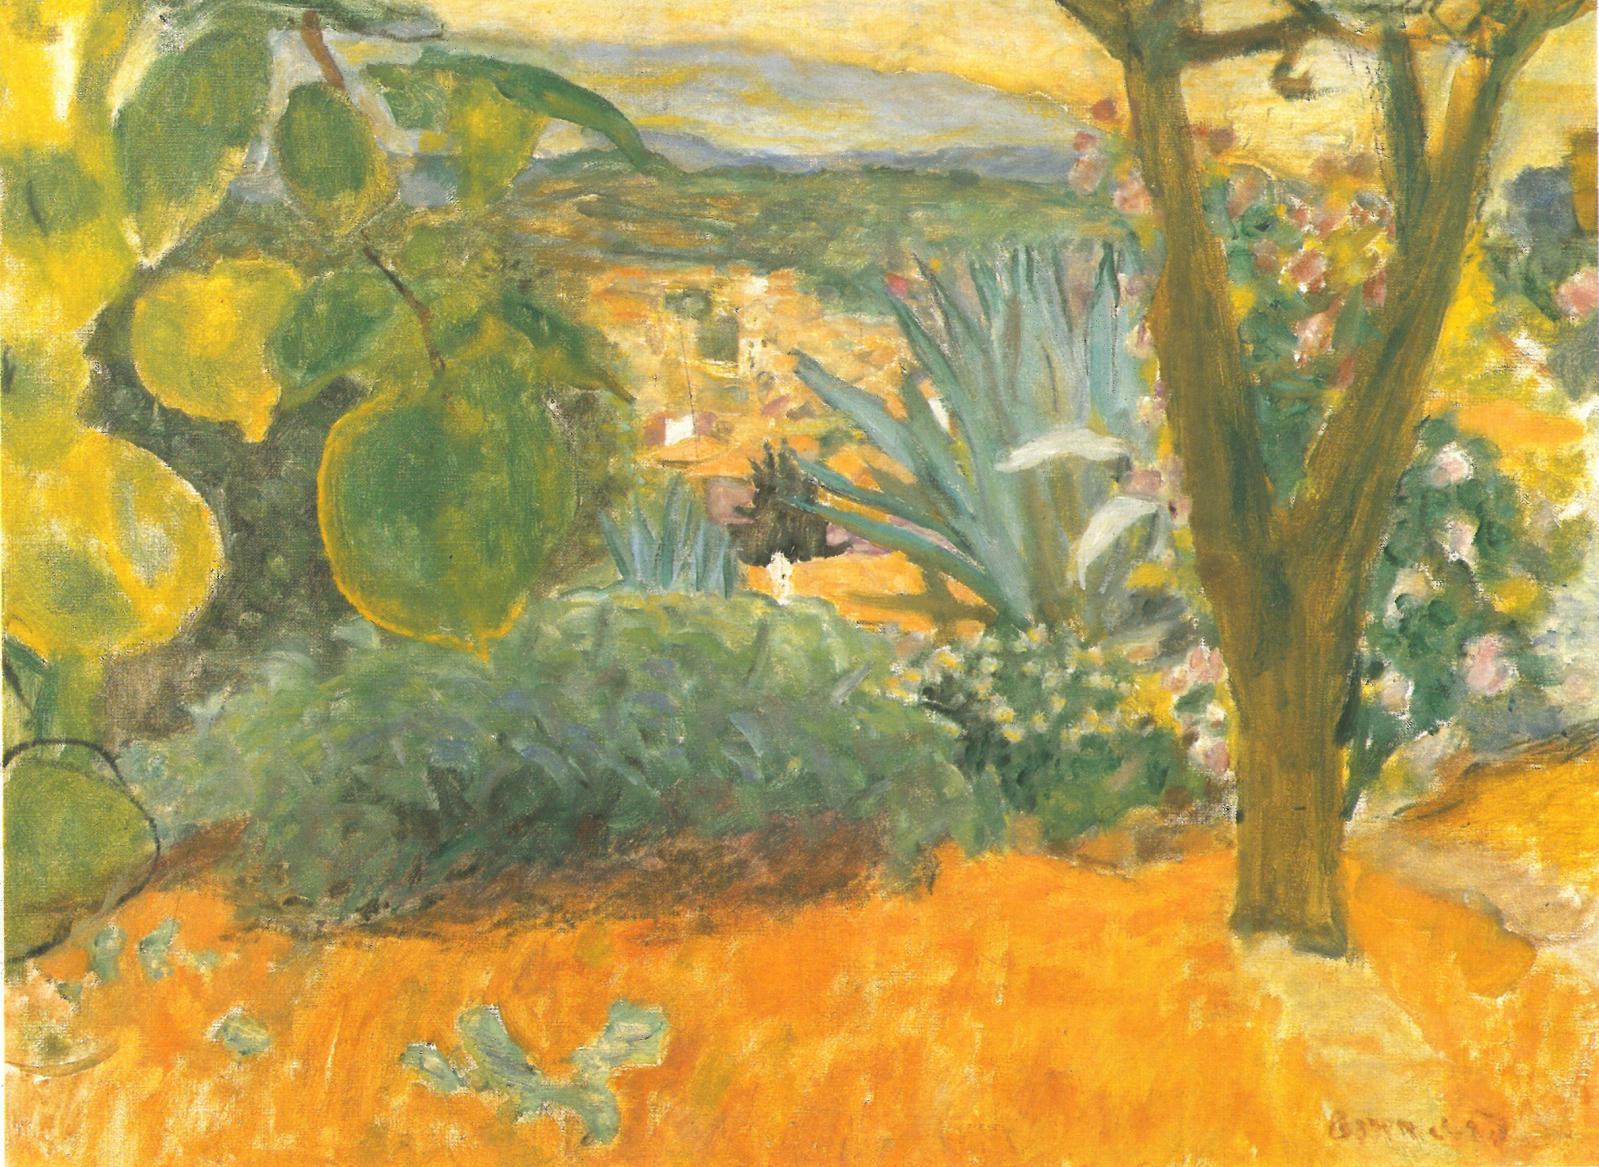 Pierre Bonnard(1867-1947), Le Cannet, 1930, huile sur toile, 54x64,8cm. ©Mathieu Rabeau, RMN - Fondation Bemberg